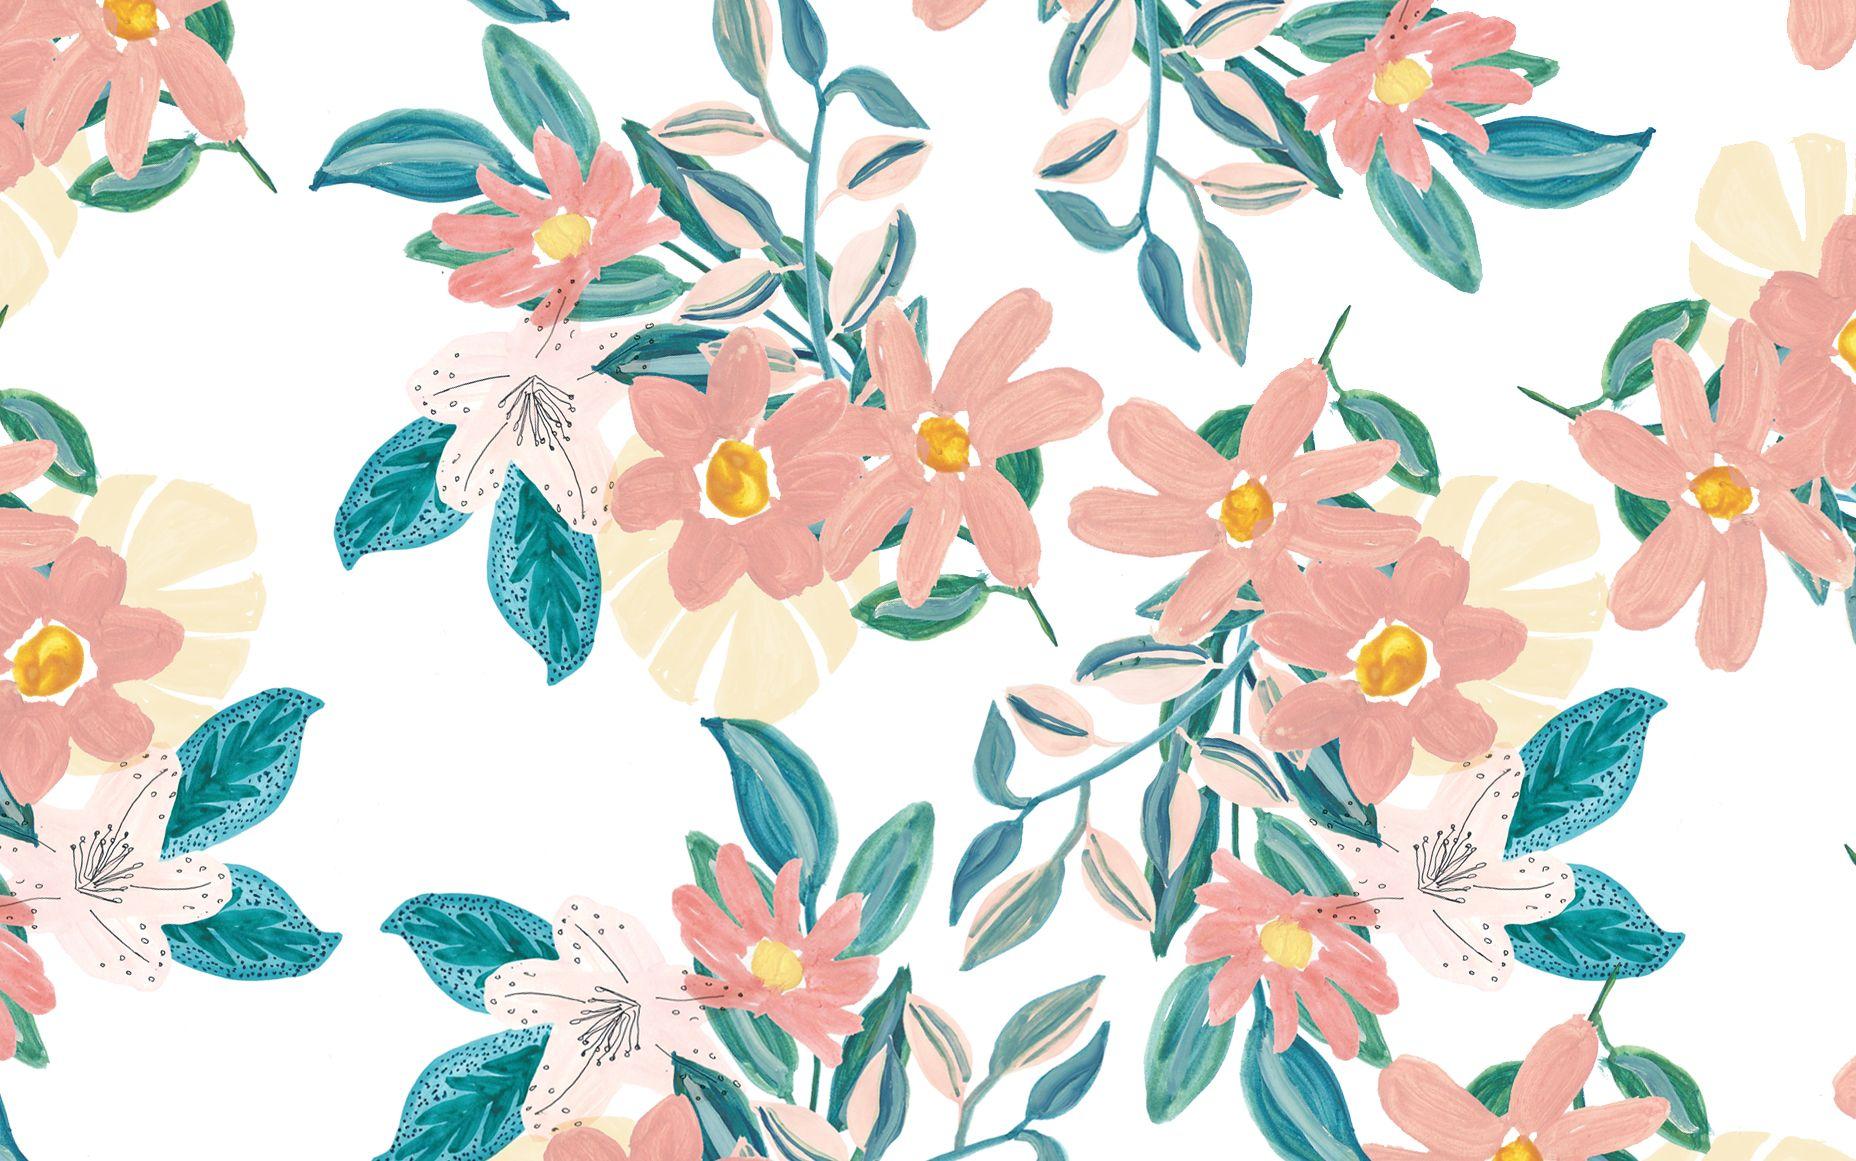 Spring Floral Desktop Wallpaper Designlovefest Fondos De